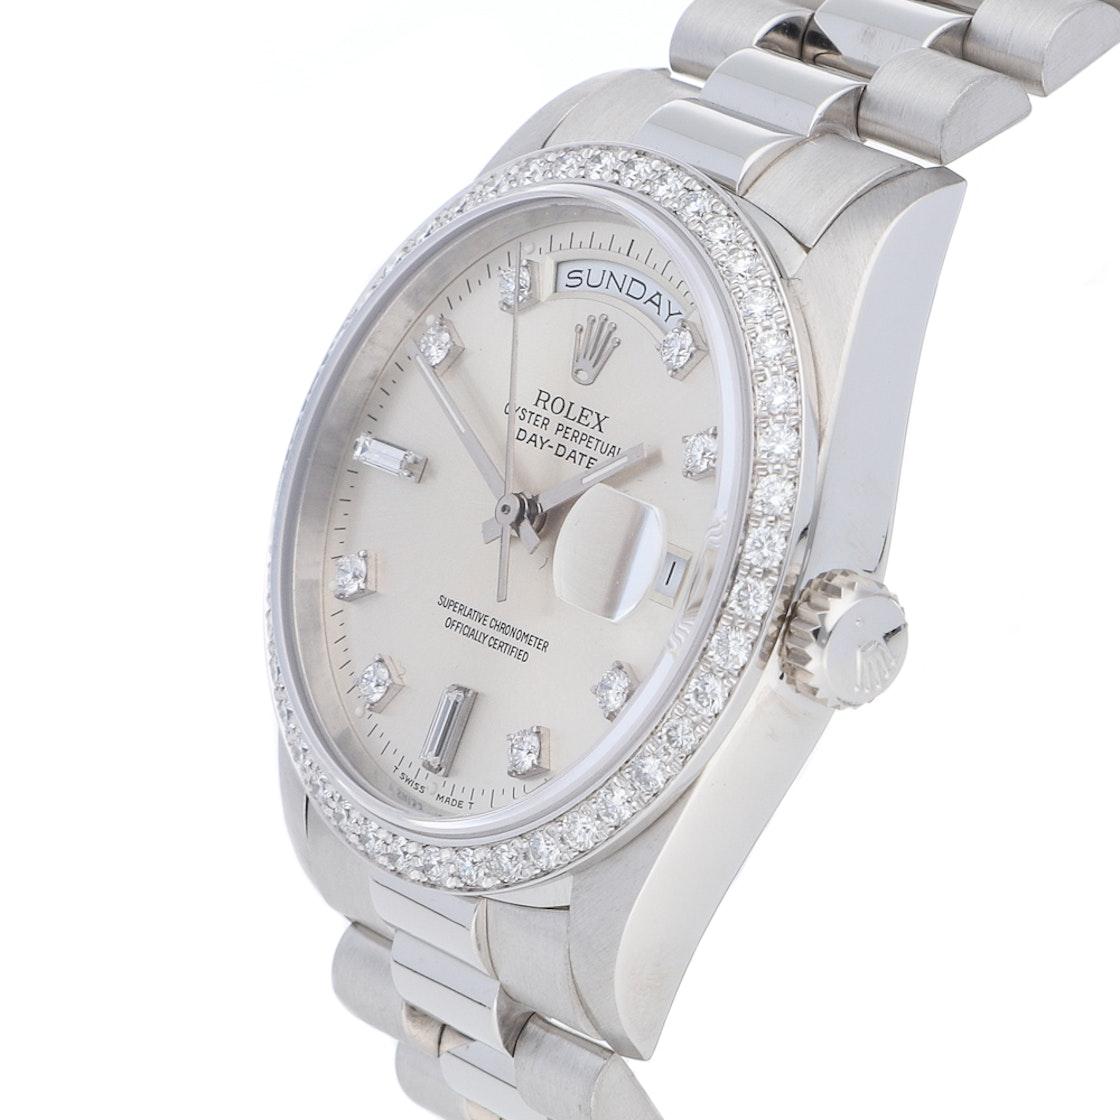 Rolex Day-Date 18346